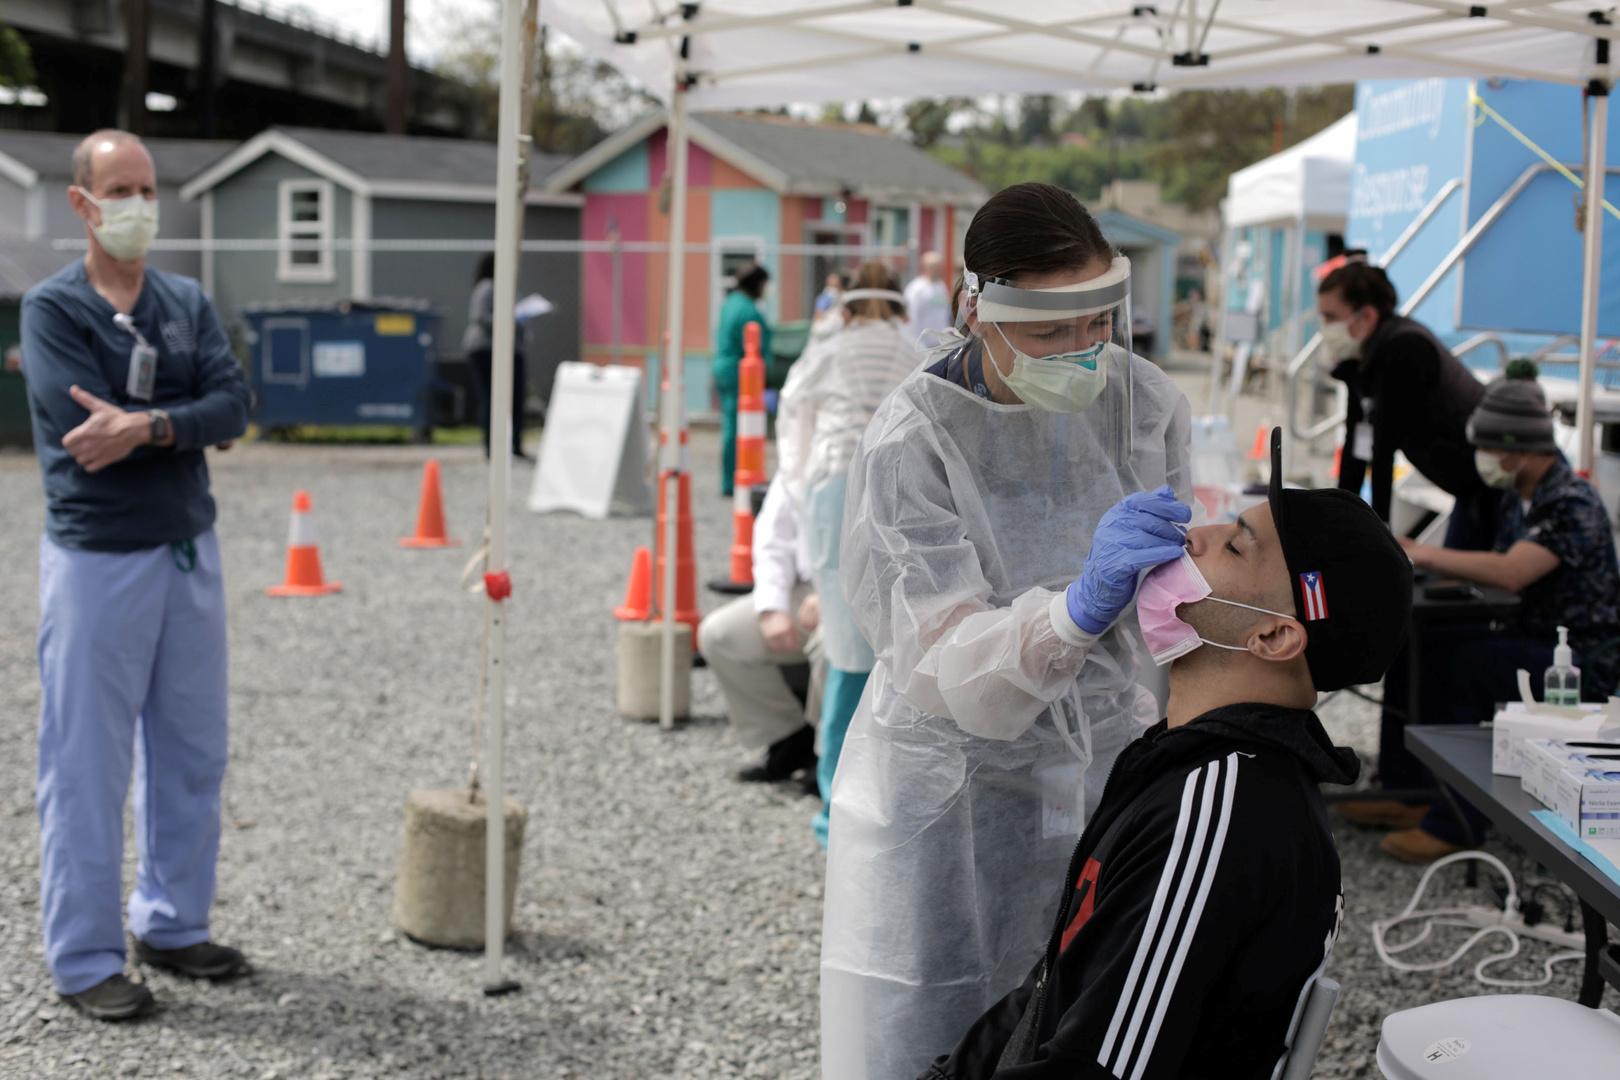 رويترز: وفيات كورونا في الولايات المتحدة تتجاوز الـ60 ألفا